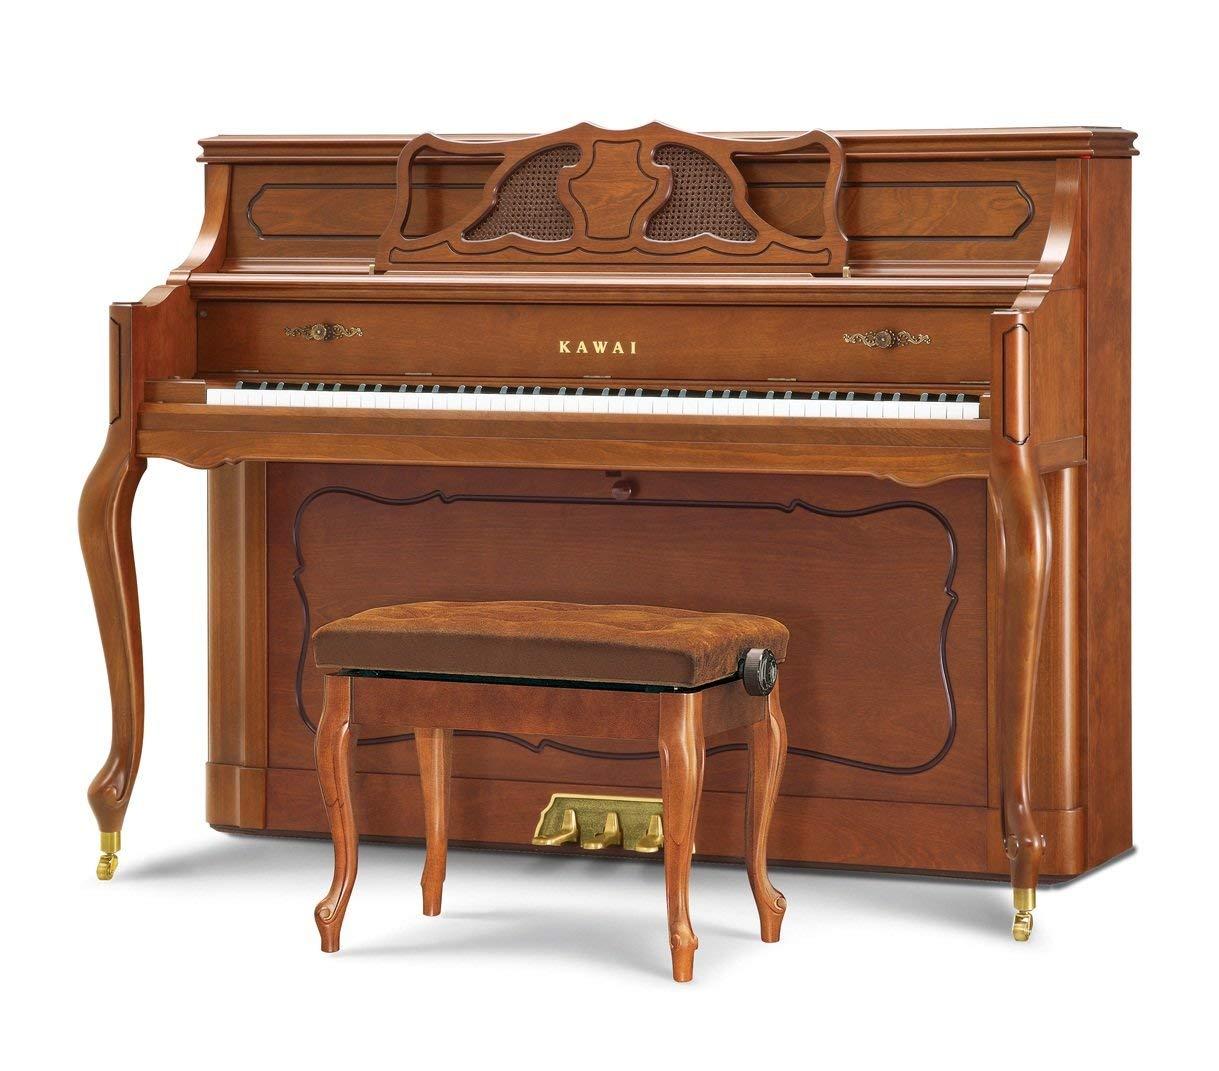 搬入設置付 専用椅子付 / KAWAI 河合楽器製作所 カワイ / アップライトピアノ Cシリーズ / C-880FRG / 送料無料 別売付属品もおまけ♪